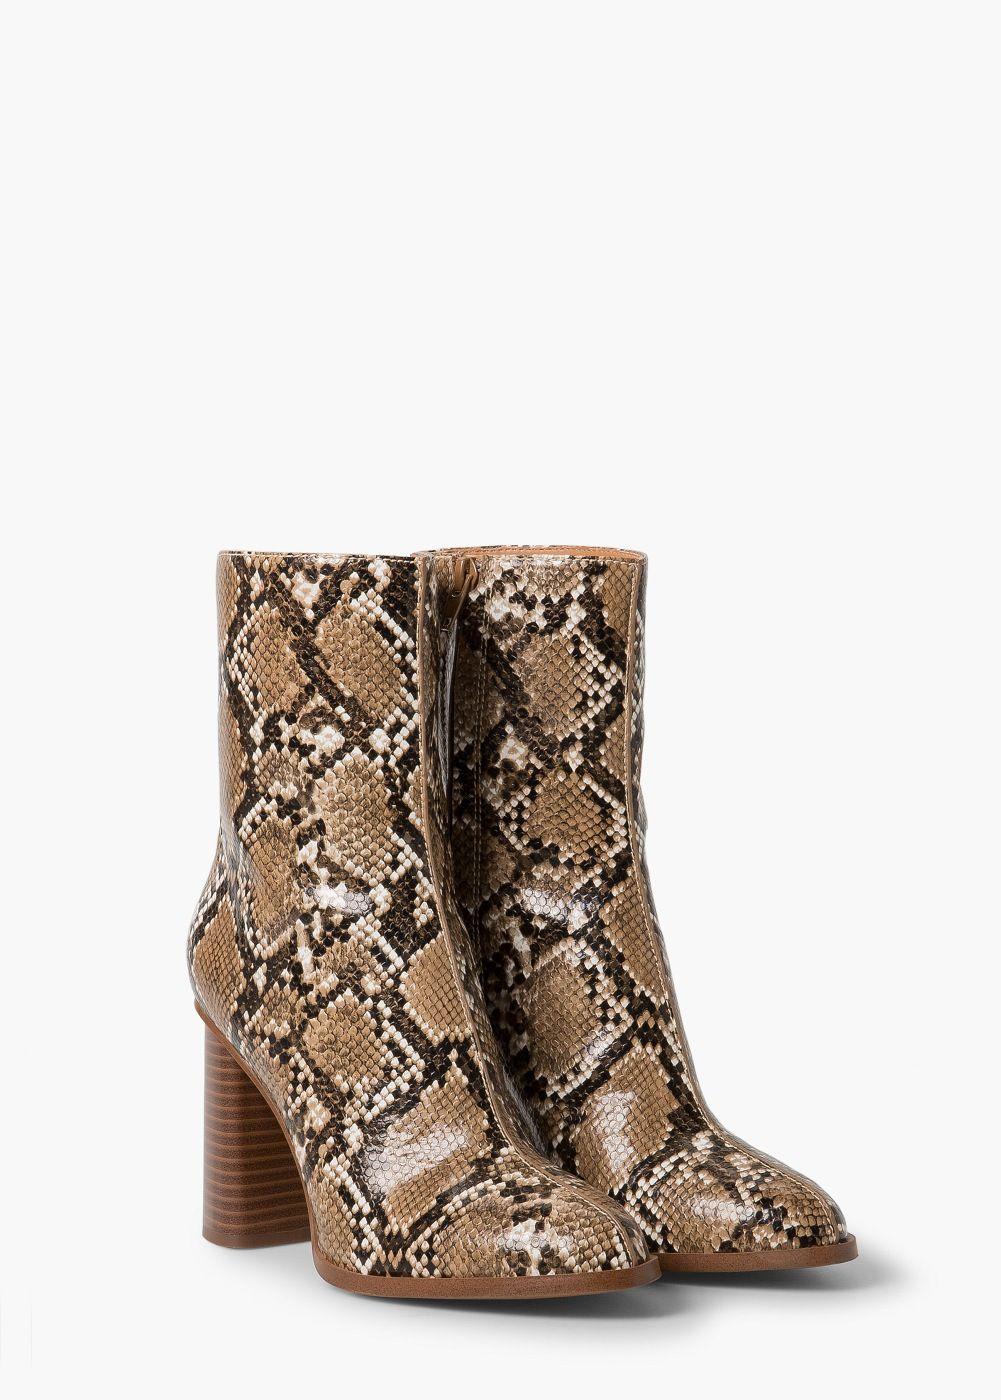 113a6ee0b1d8 Snake-effect ankle boots - Women en 2019